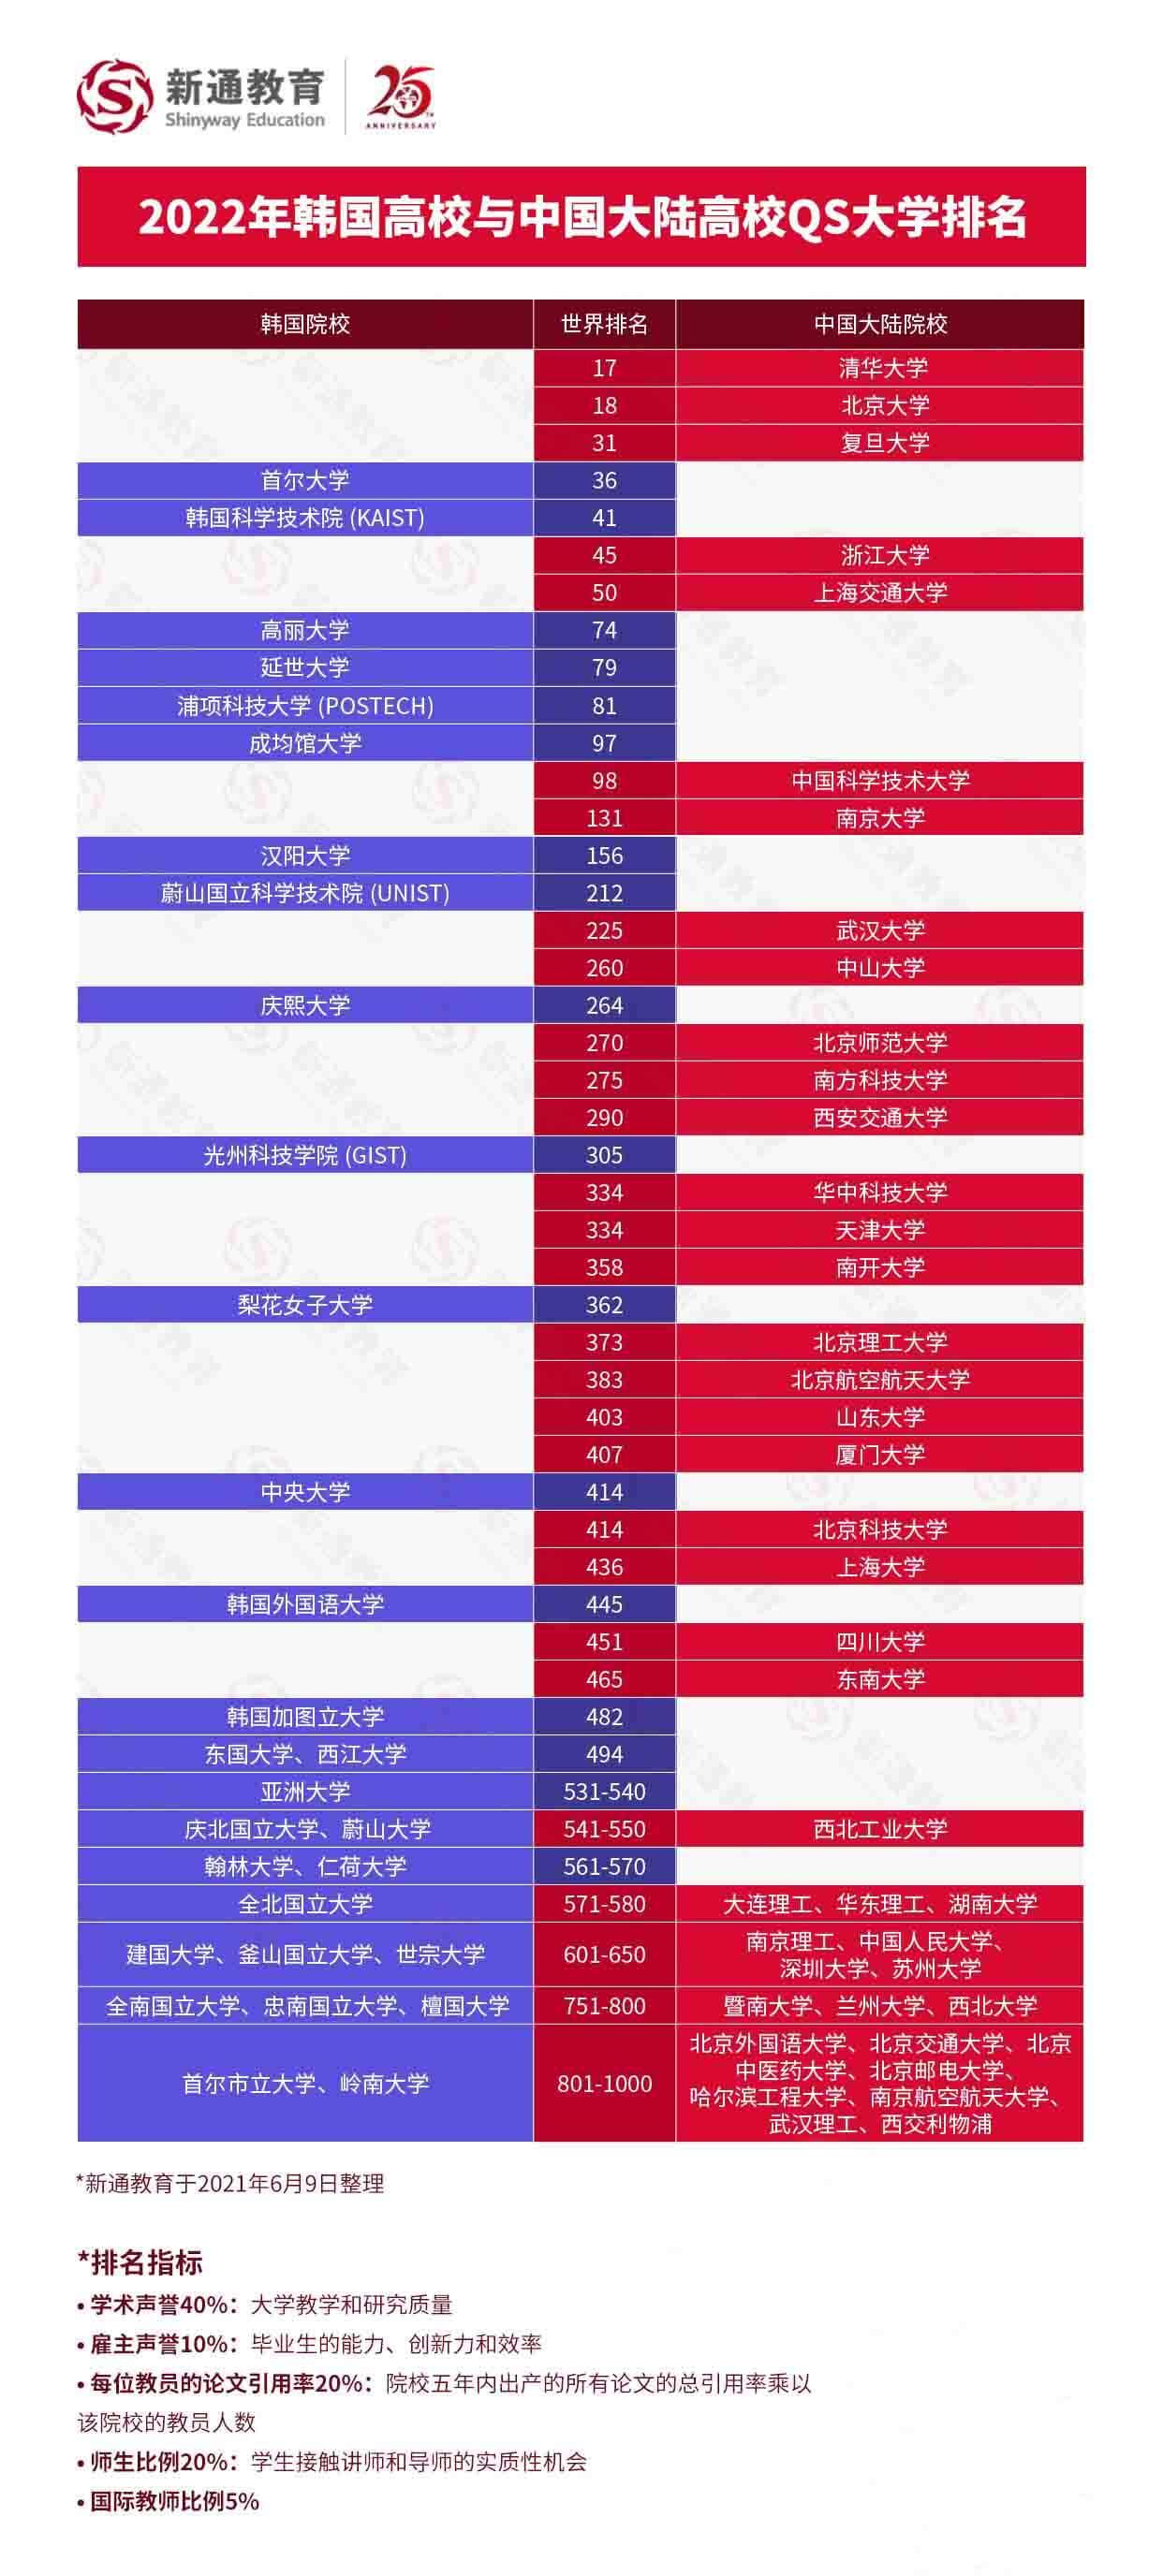 2022QS世界大学排名解析:中国大陆高校与世界大学排名对比,助力全球志愿填报6